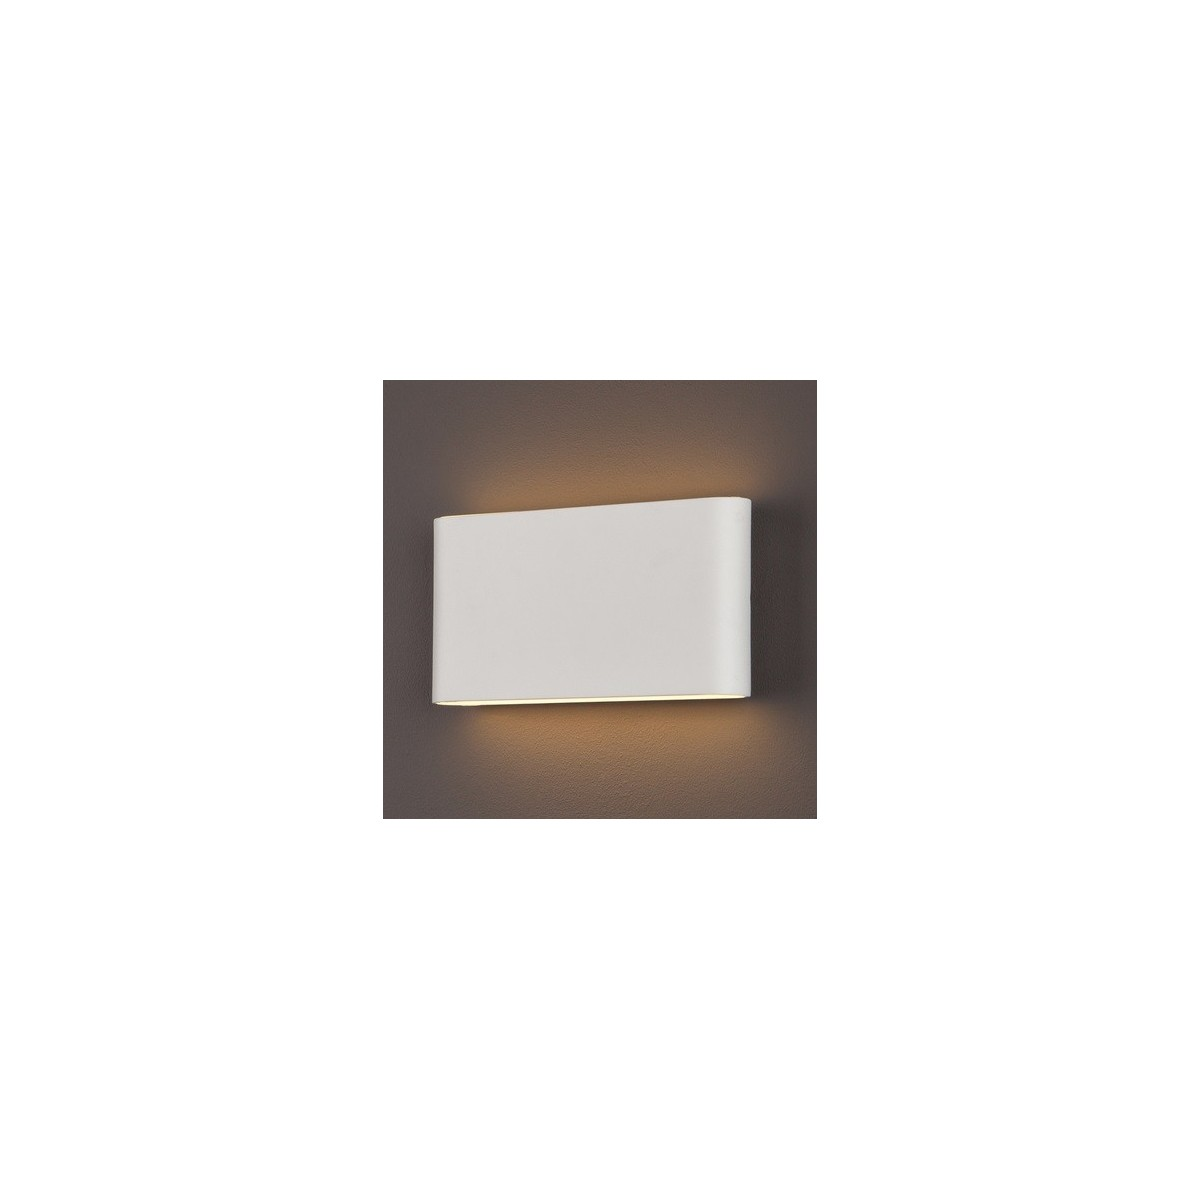 MAXlight Zone IP44 2x4W LED 626lm 3000K W0201